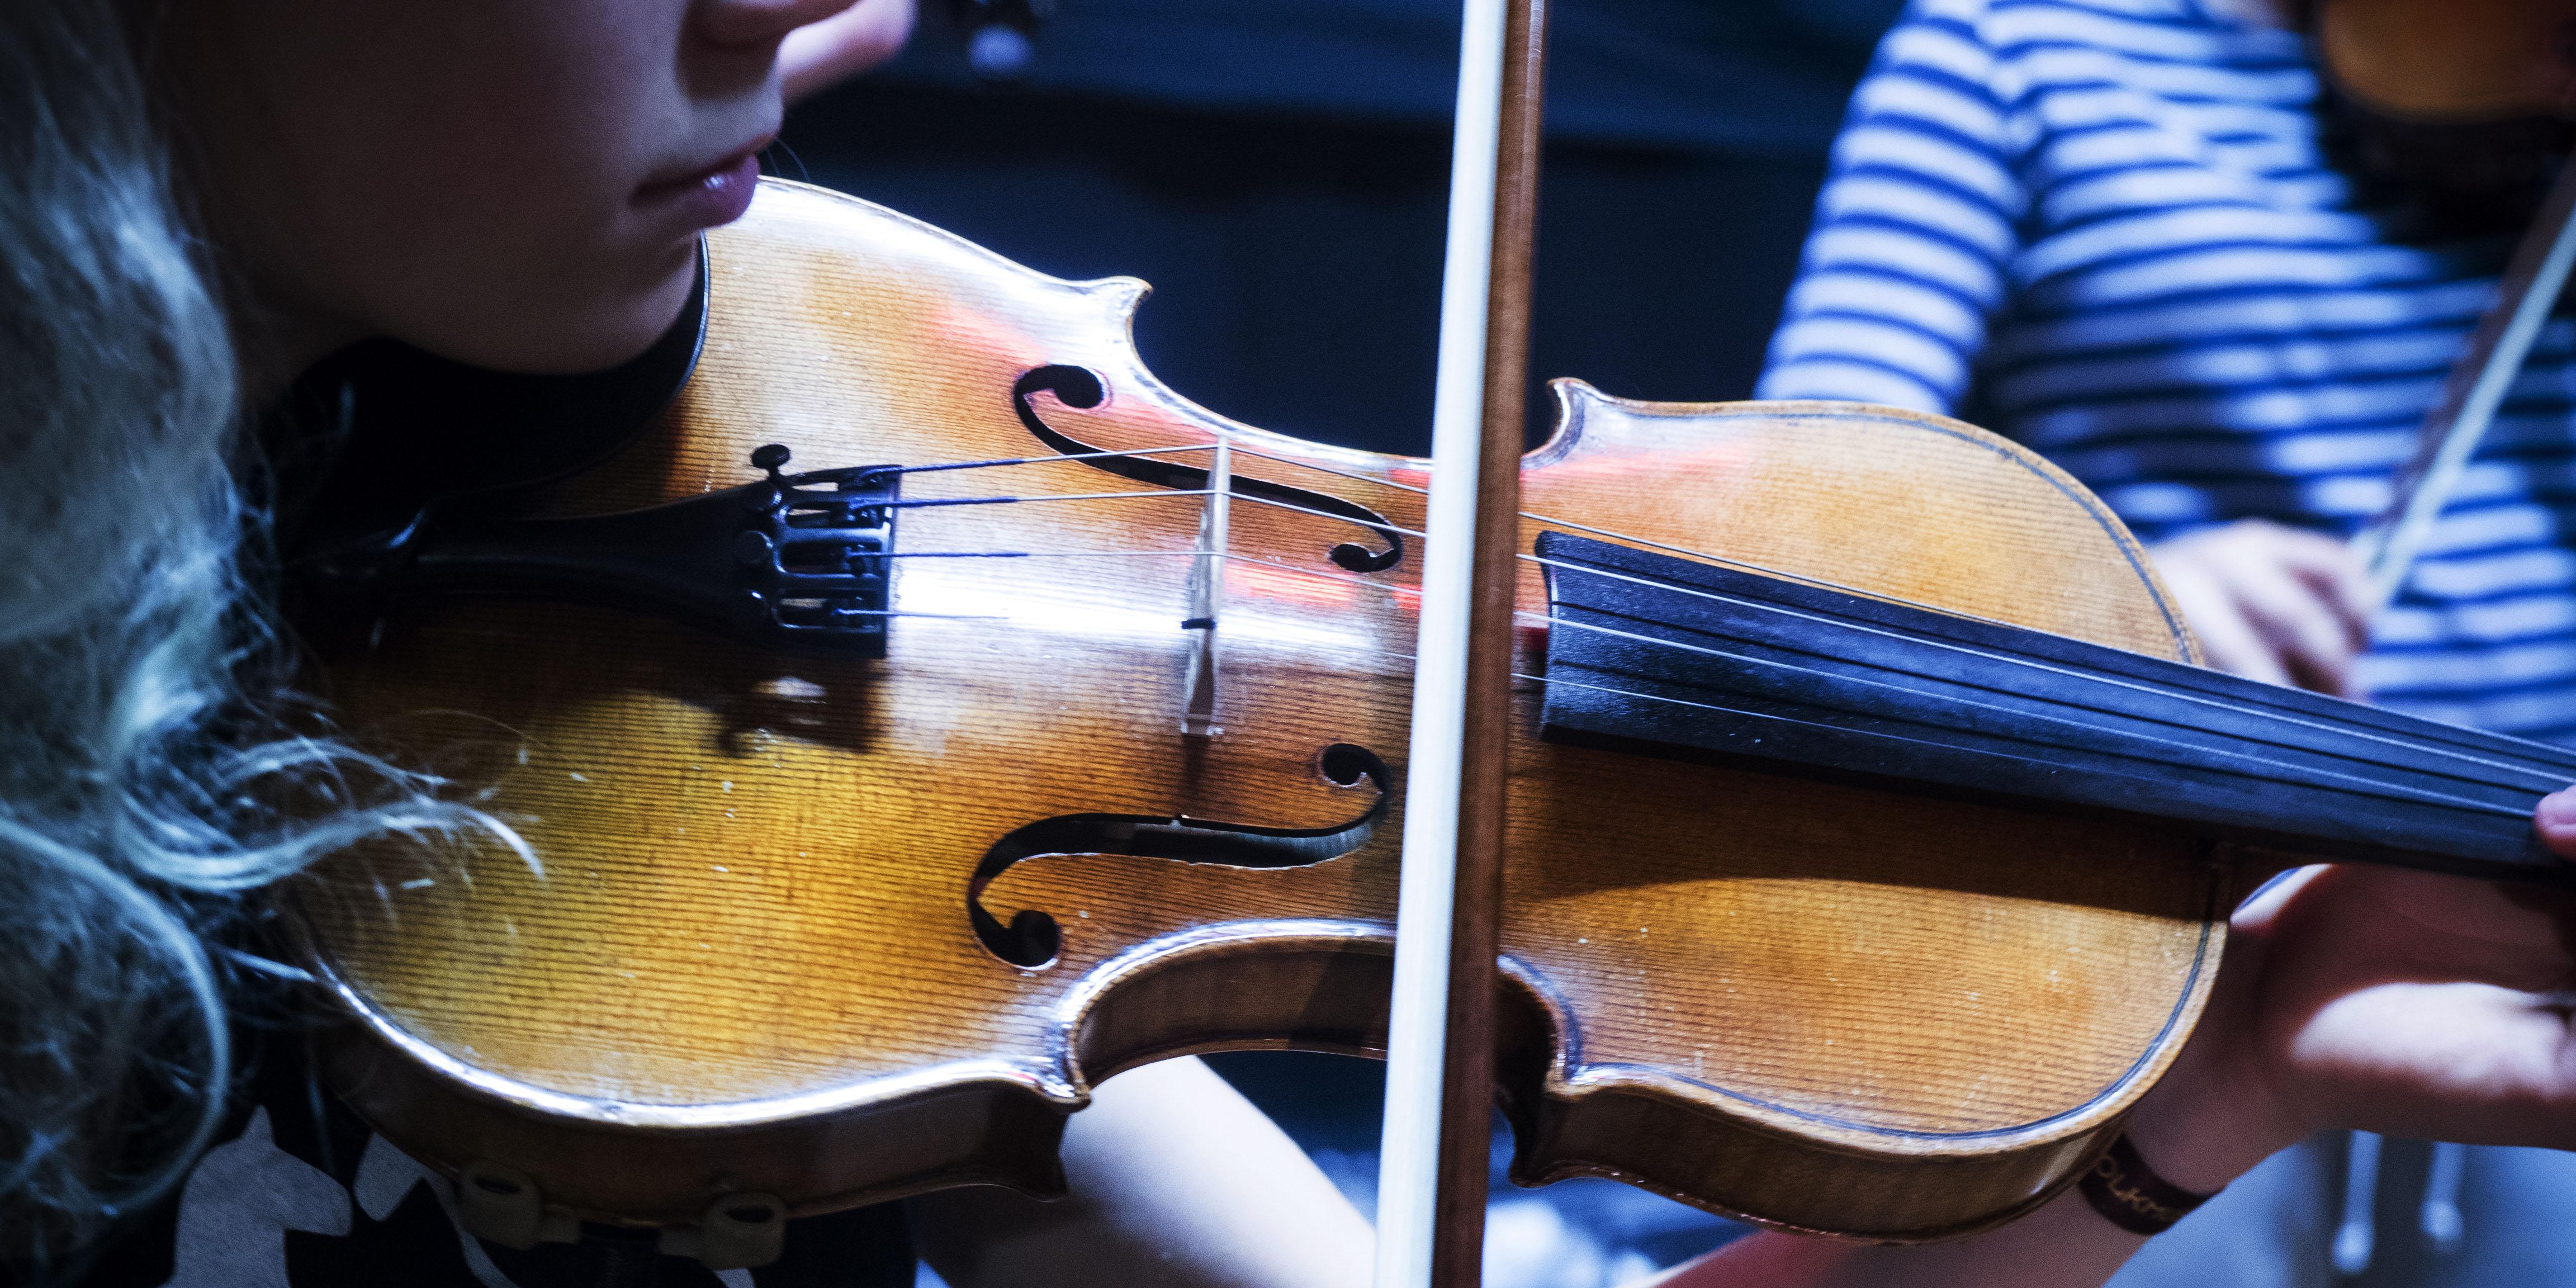 Varmt välkomna till Smålands Folkmusikläger 2019 – nu på Hjorstberga lägergård!